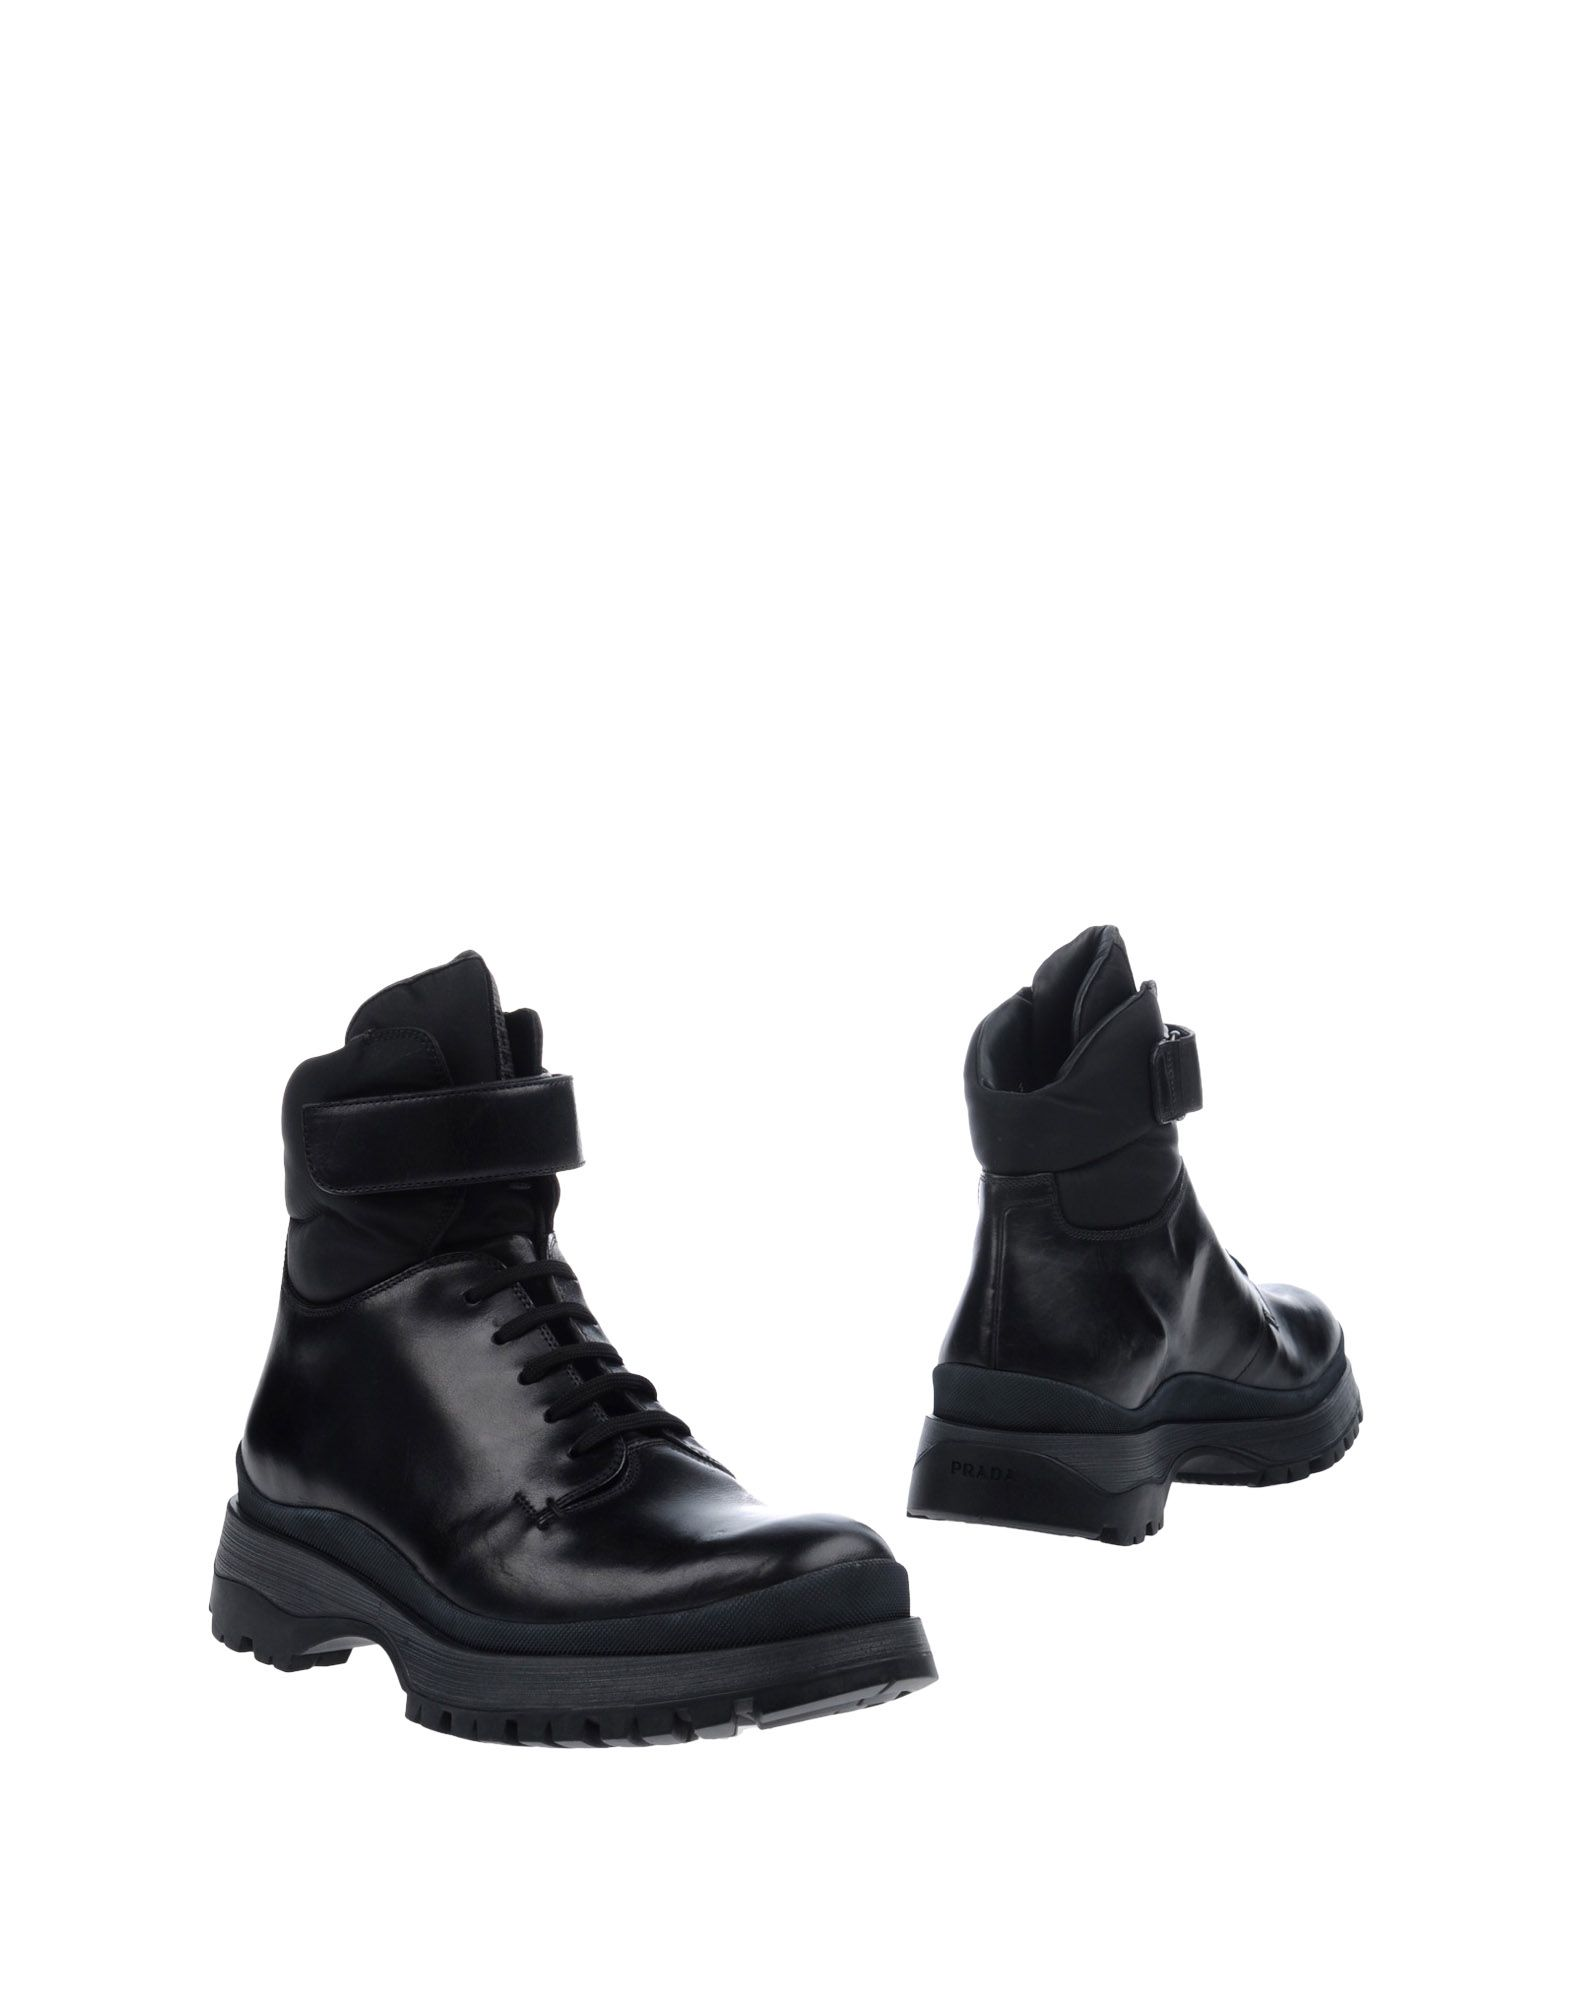 Prada Sport Stiefelette Herren  11275320UP Gute Qualität beliebte Schuhe